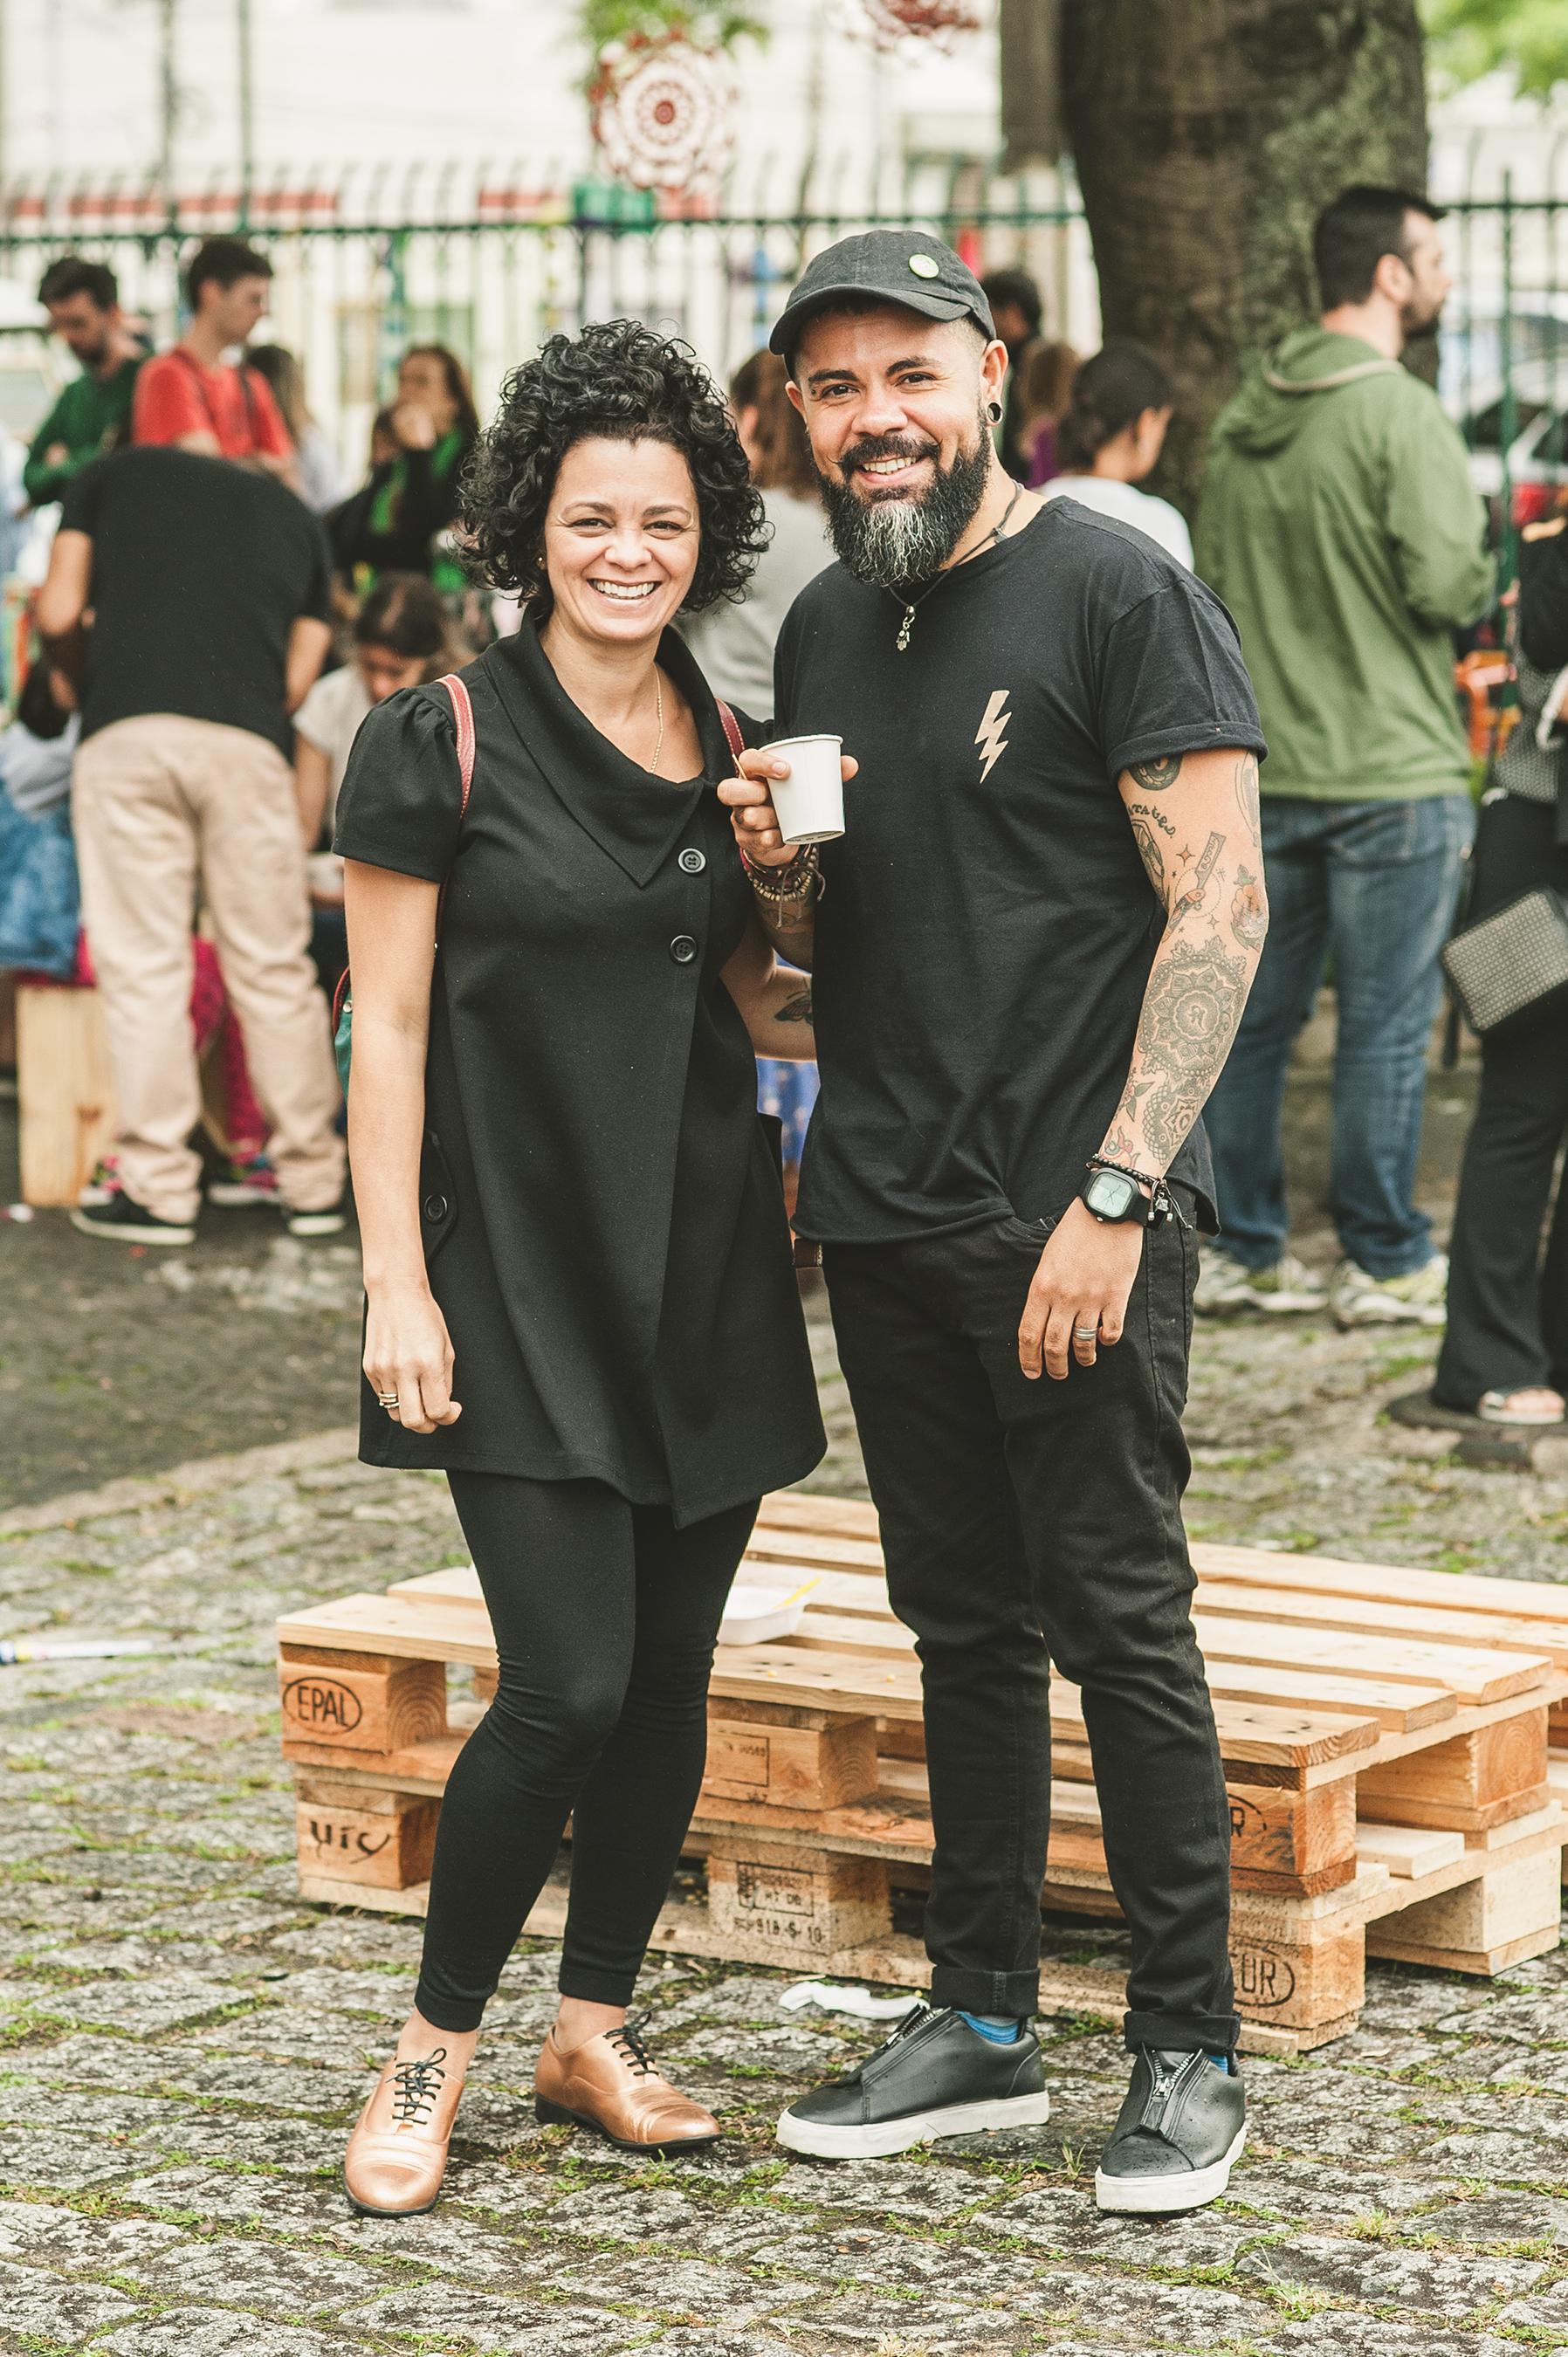 Nem a garoa impediu a massoterapeuta  Cida Ramo s e o designer  César Bomfim  de sair de casa para curtir o domingo no #MANUALnaPinacoteca. Aproveitaram o clima para degustar o cafezinho caprichado do OCabral.